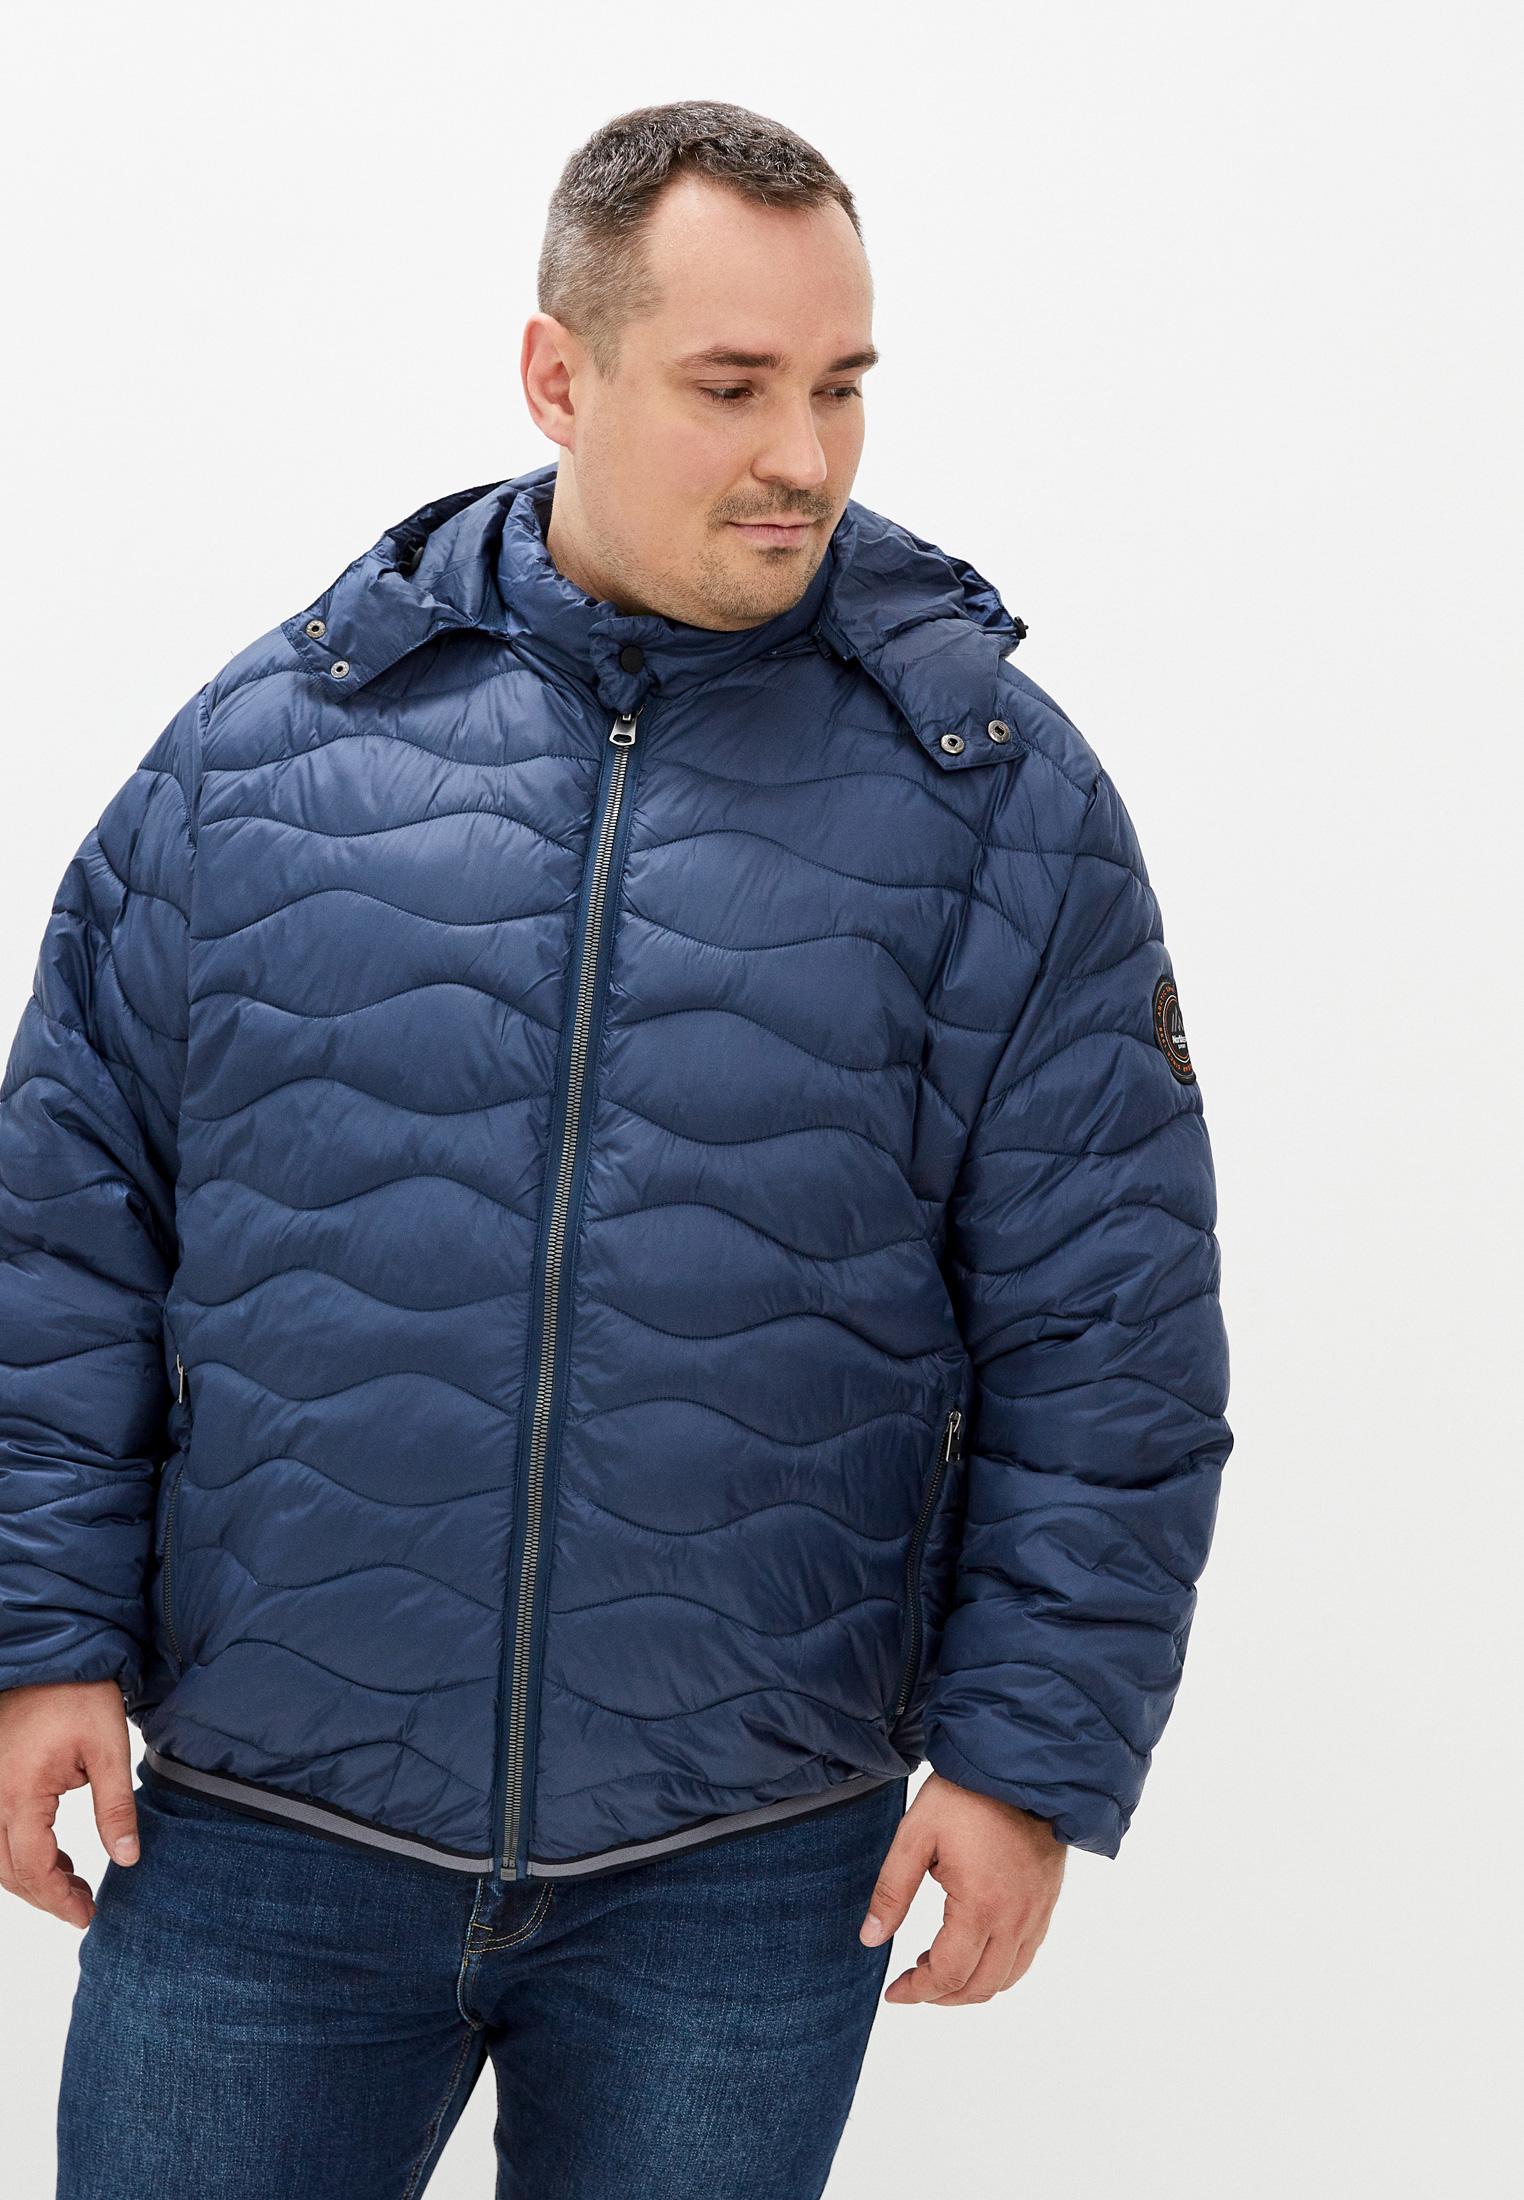 Куртка North 56-4 03148B